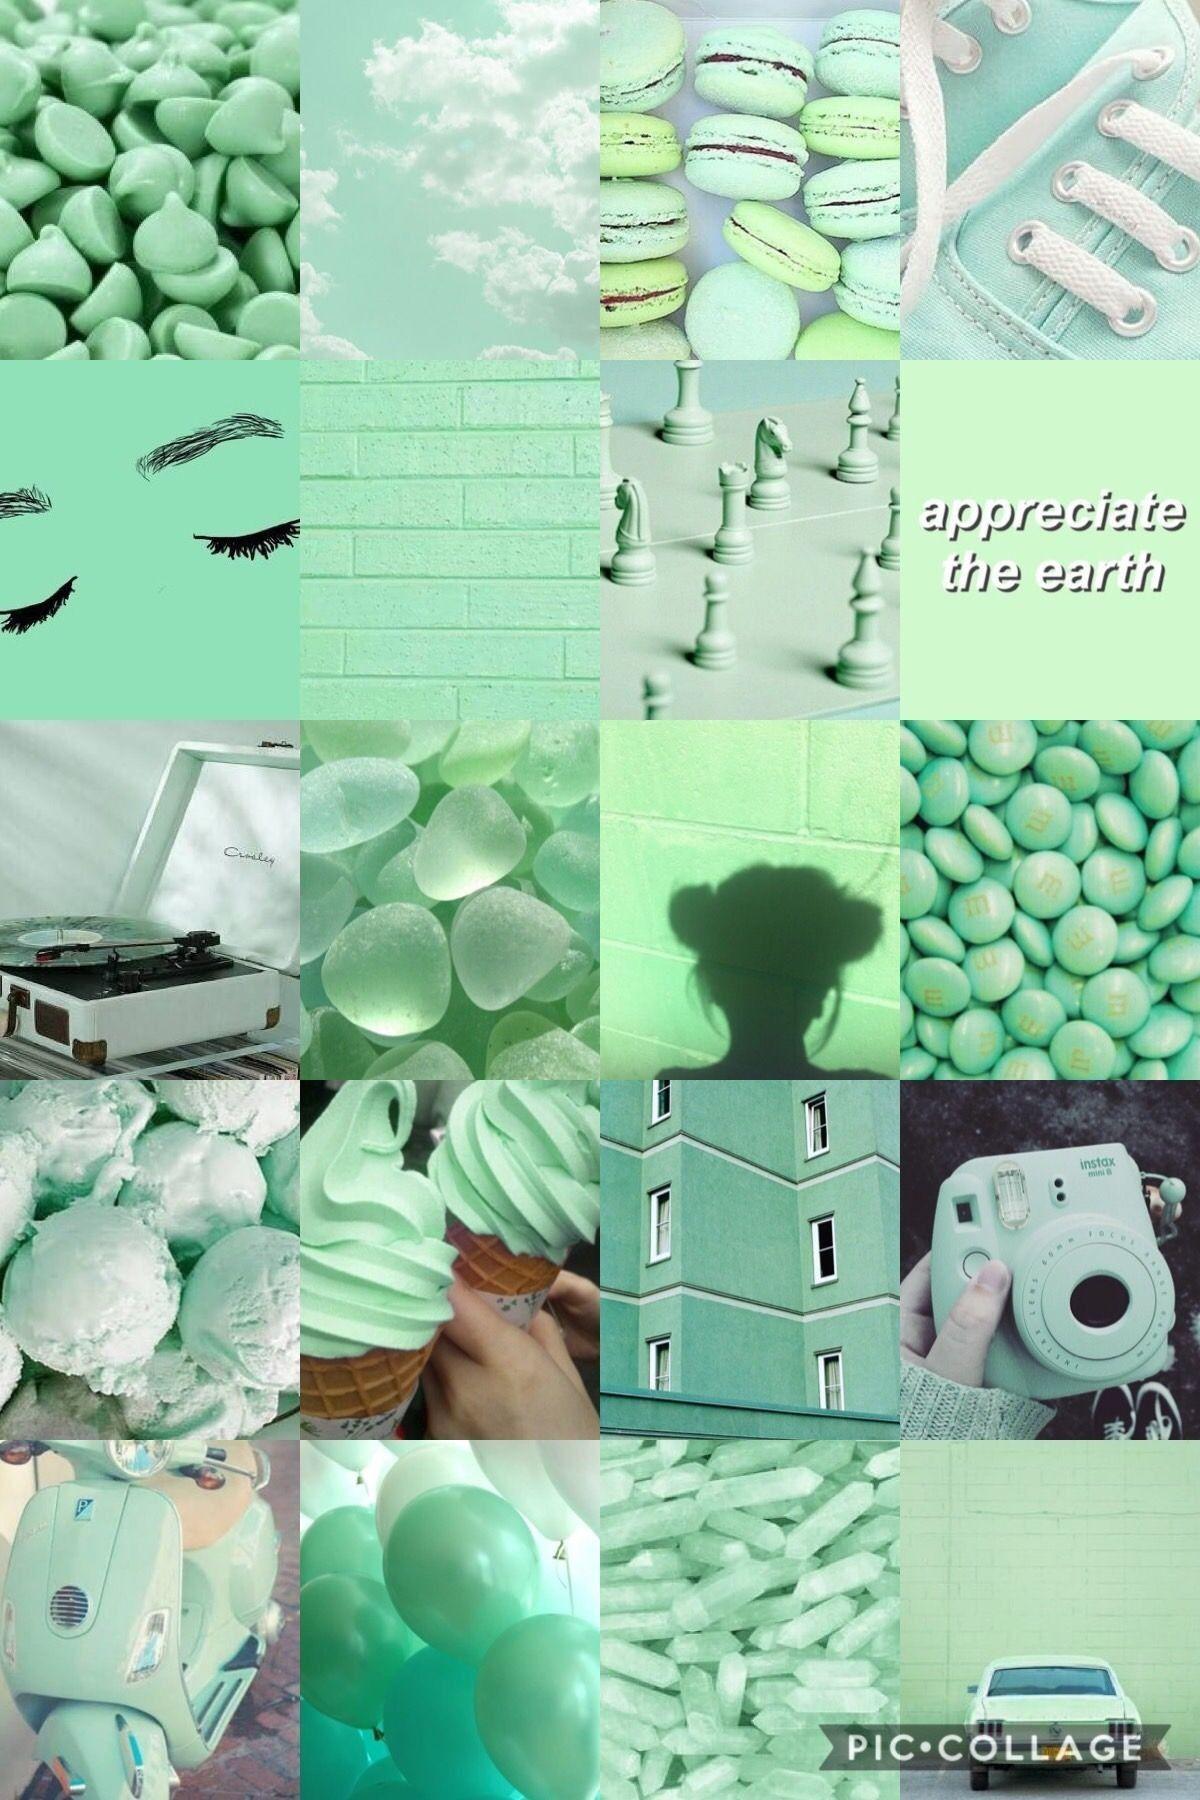 Mint Green Aesthetic Wallpaper For Laptop Pastel Green Aesthetic Wallpapers On Wallpaperdog pastel green aesthetic wallpapers on